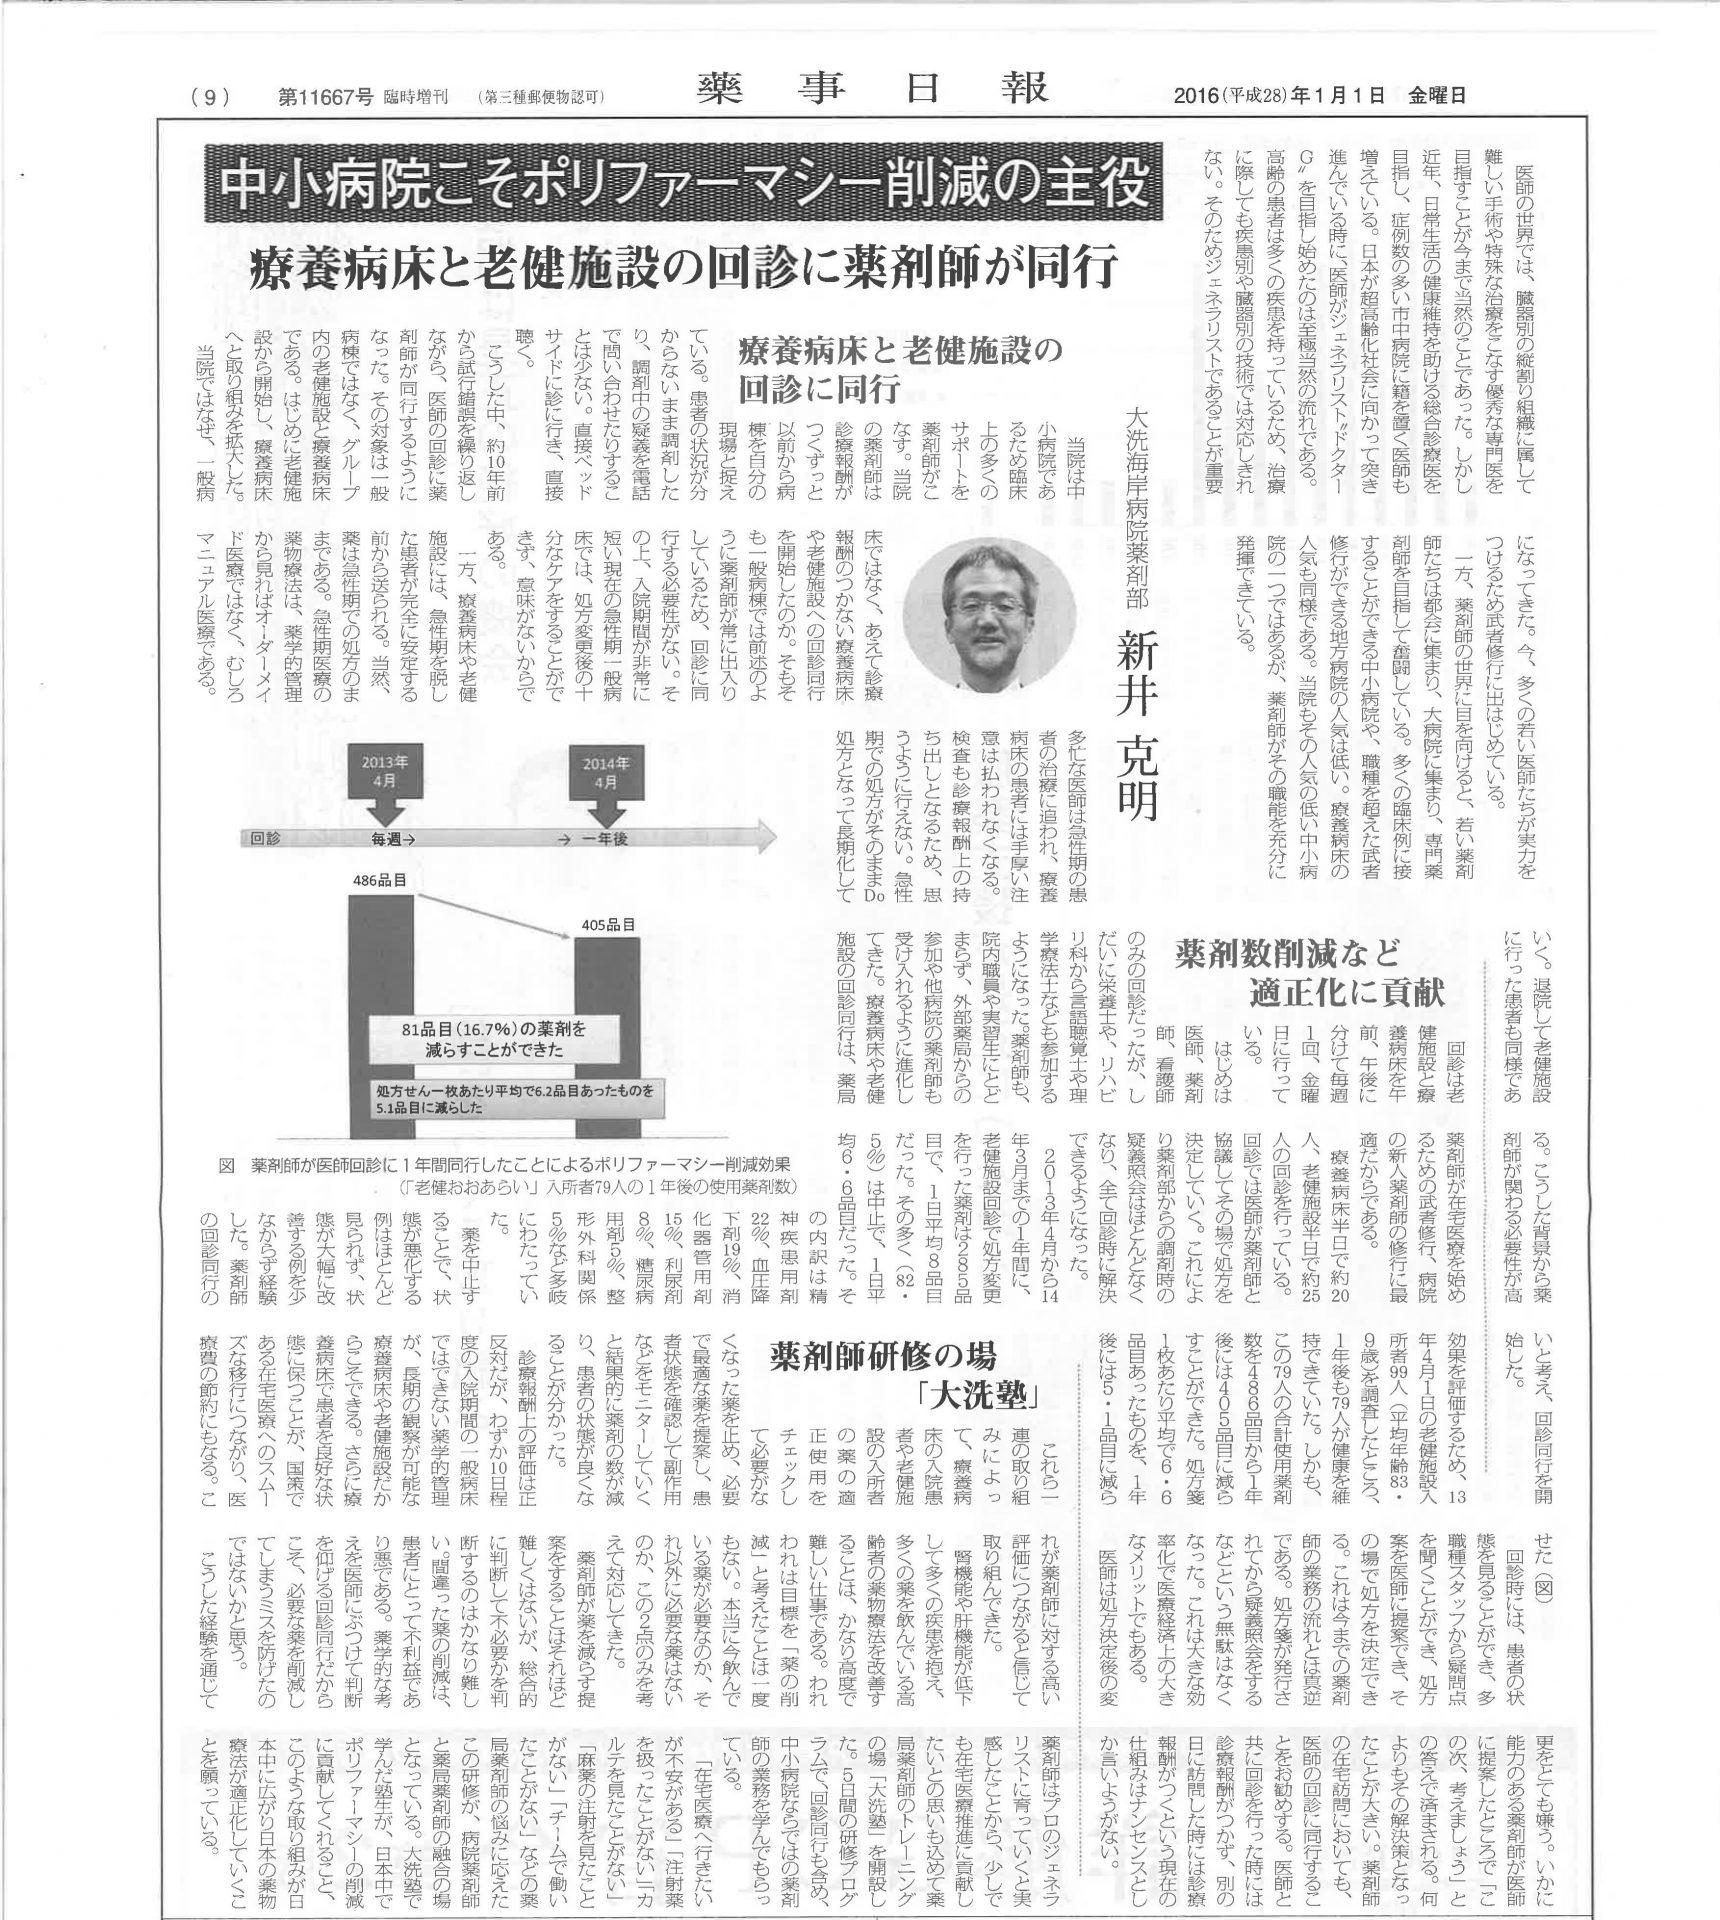 薬事日報 平成28年1月1日版